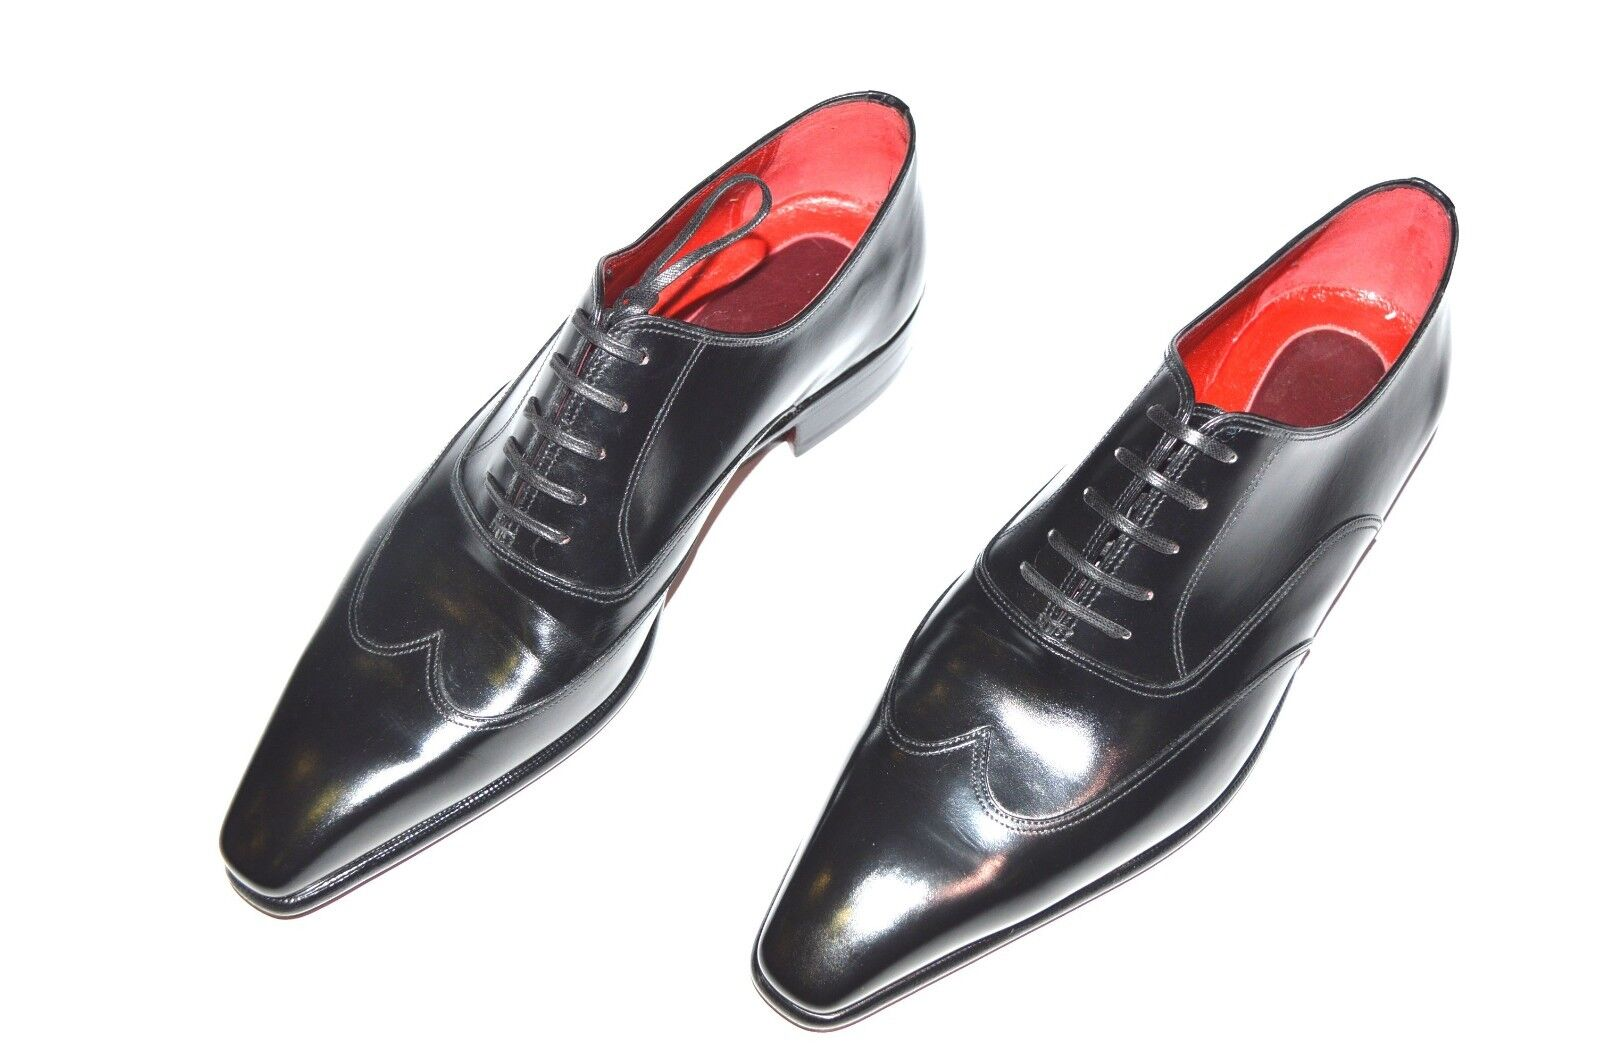 Nuevos Zapatos de piel Stefano Ricci talla nos 9 (COD S324)